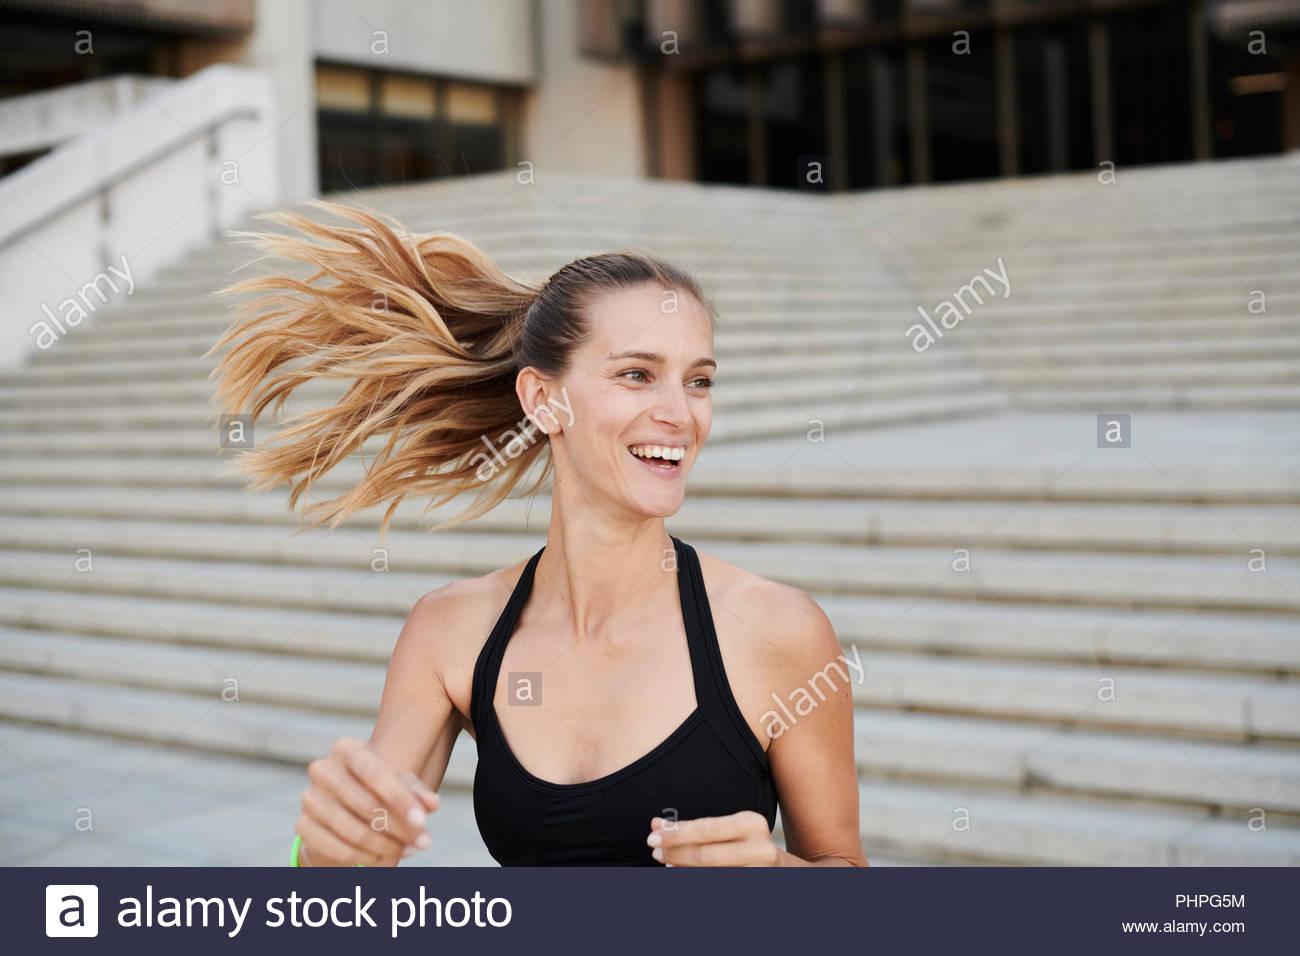 Donna sorridente con capelli spazzate dal vento Immagini Stock